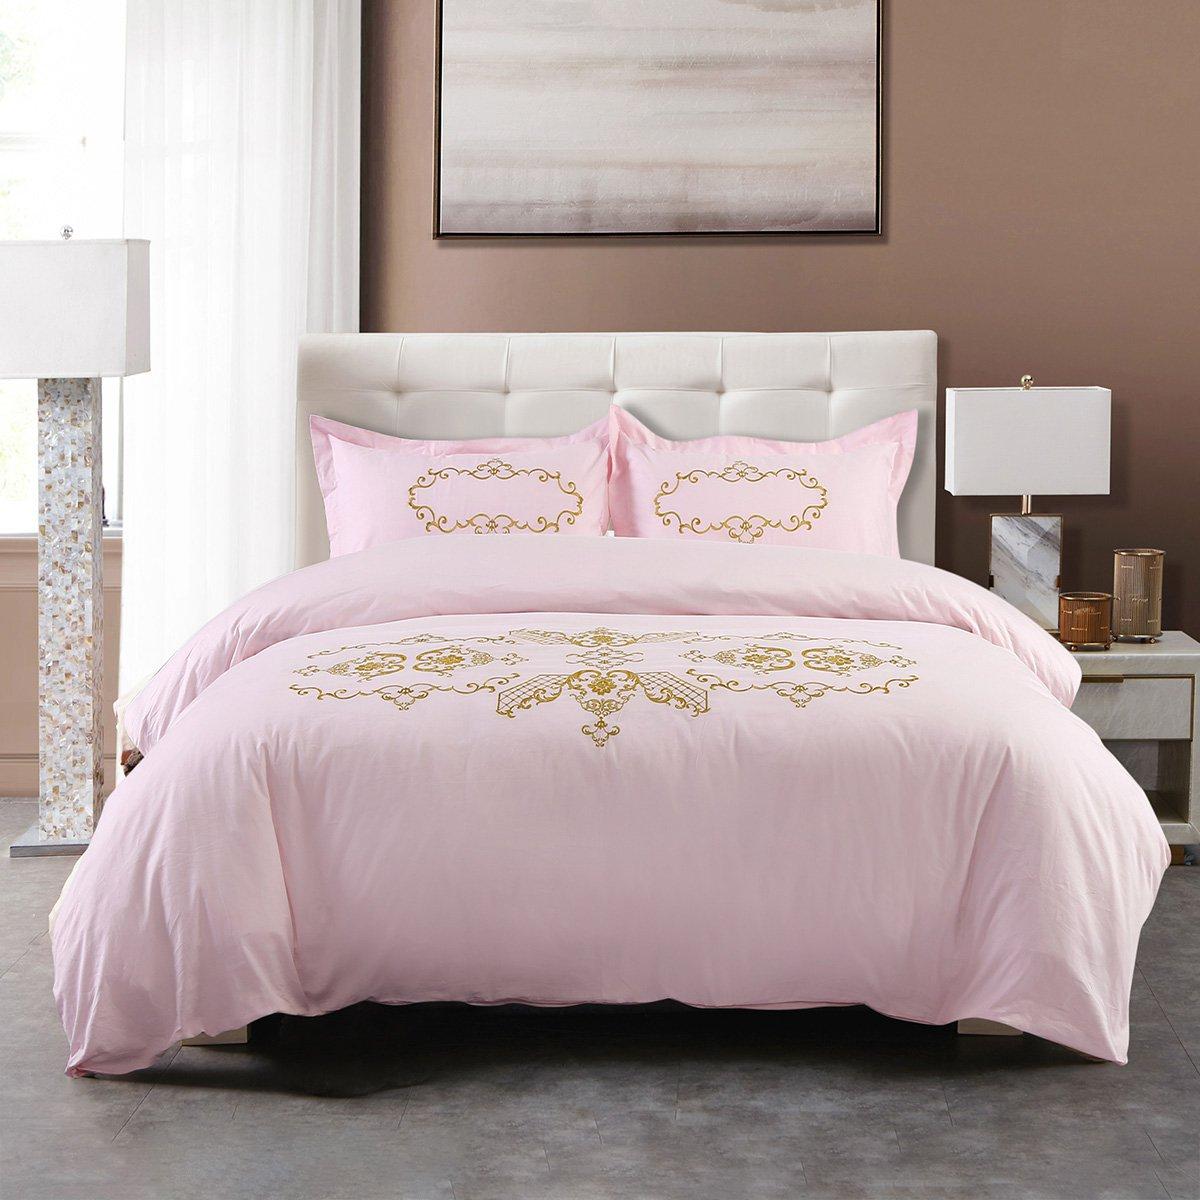 Ramada五星级酒店风简约绣花粉色被套床单全棉床上用品纯棉四件套BS171026